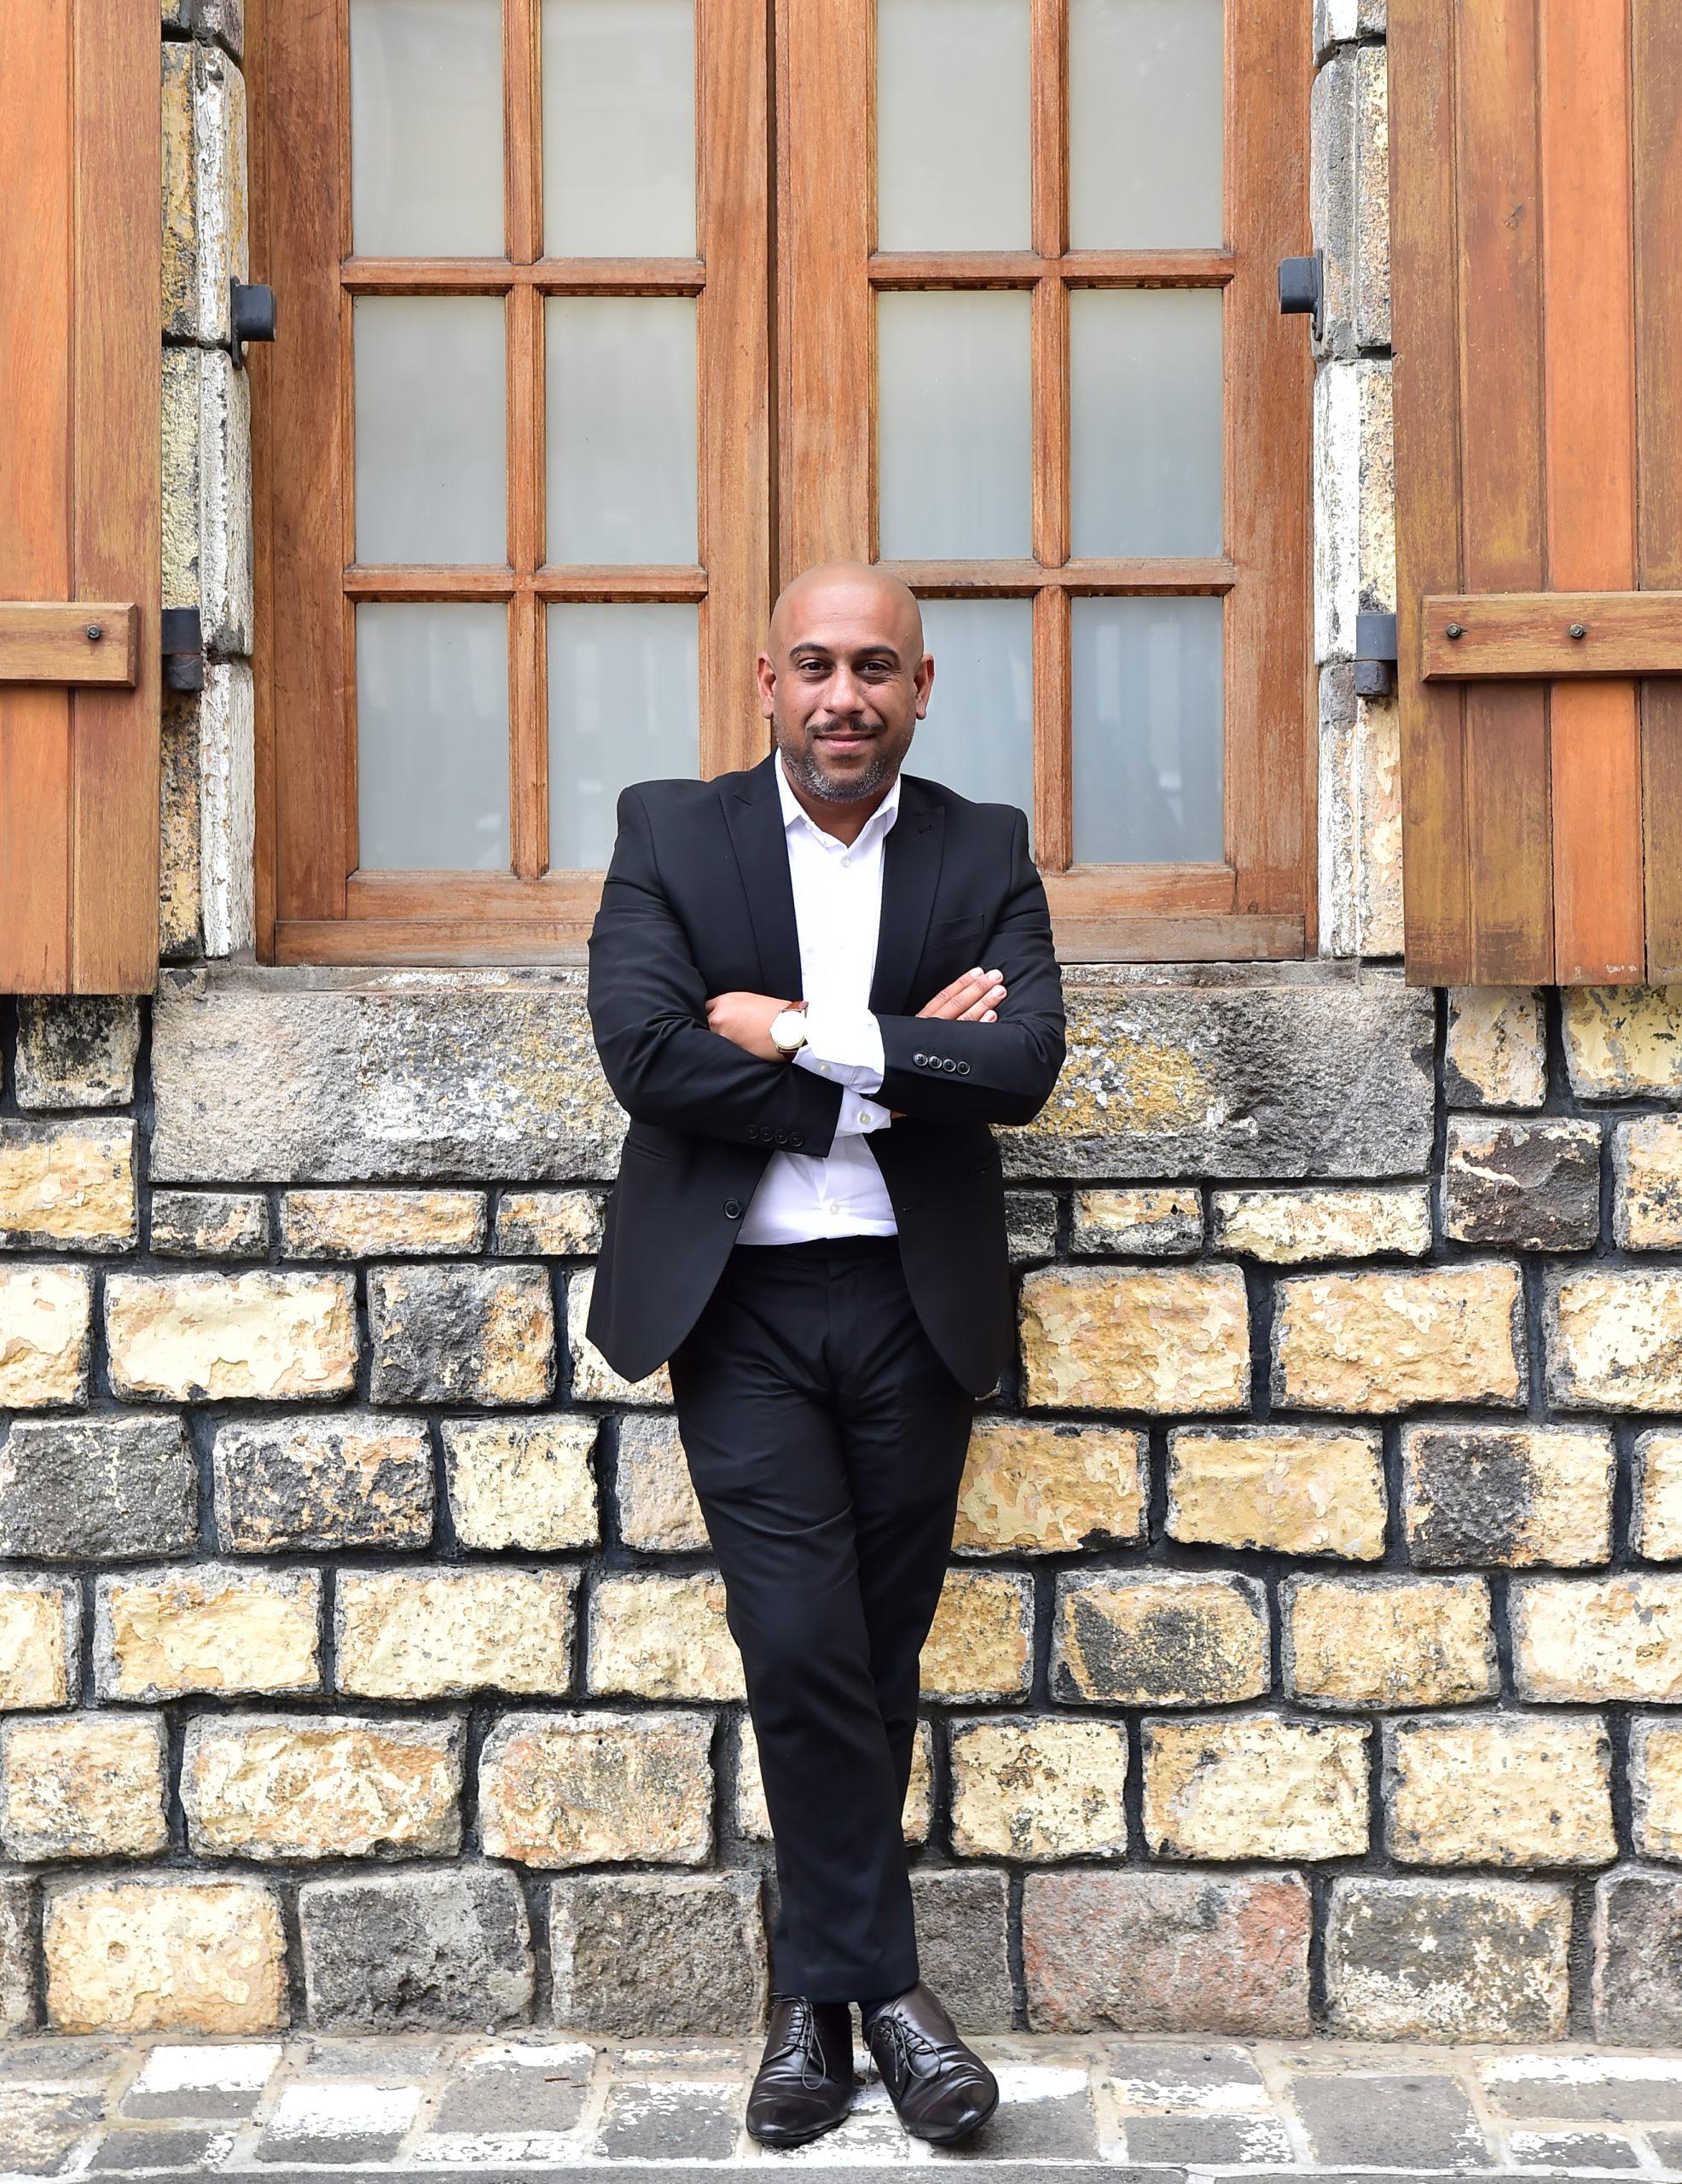 Amit Bakhirta